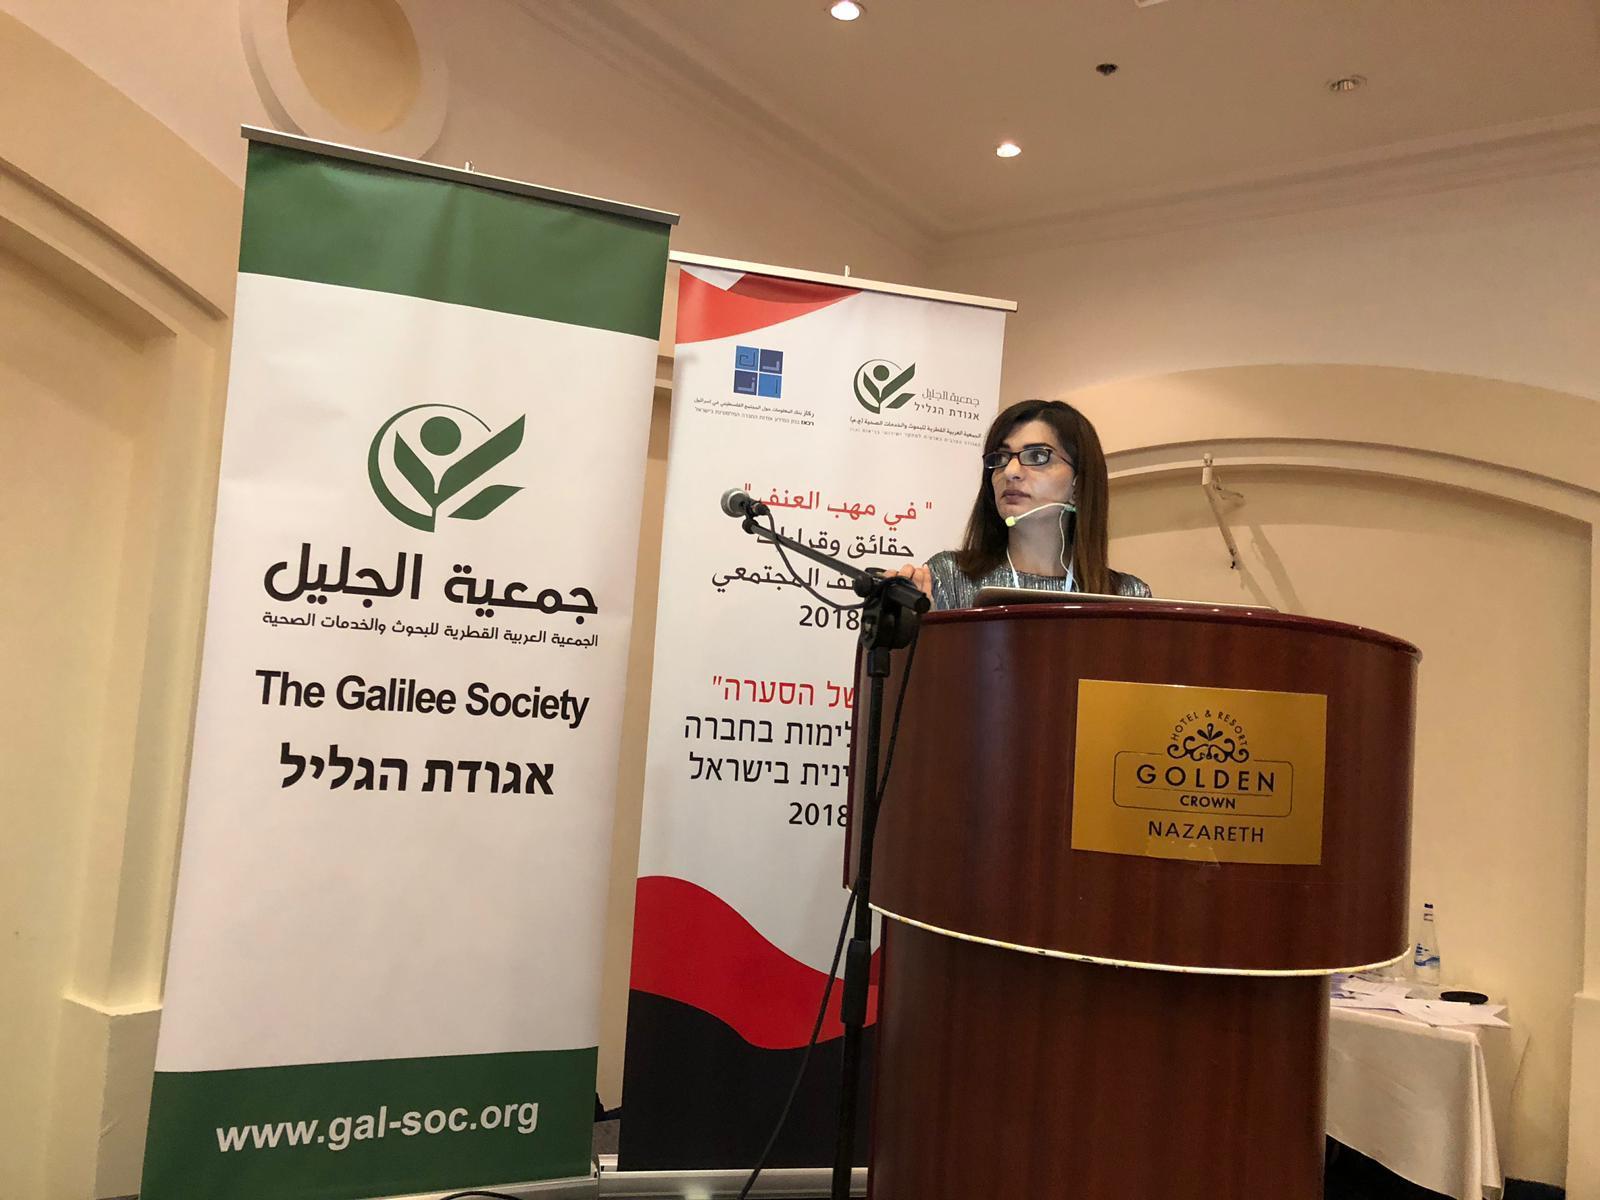 بسبب العنف...  40% من أفراد المجتمع العربي يشعرون بعدم الأمان